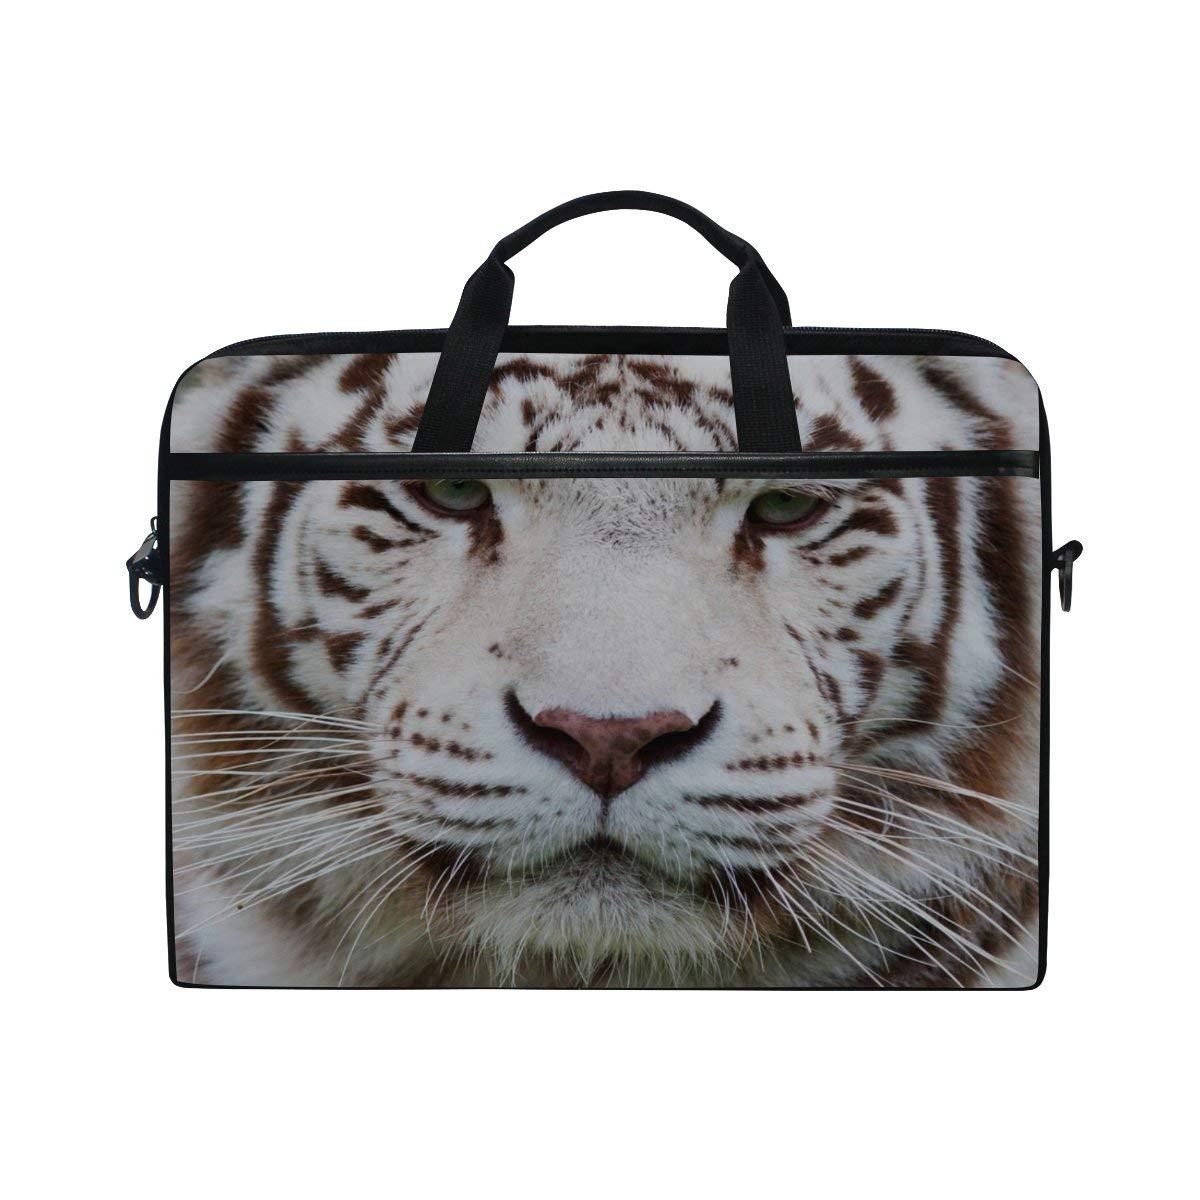 48962cee9465 Cheap Tiger Shoulder Bag, find Tiger Shoulder Bag deals on line at ...